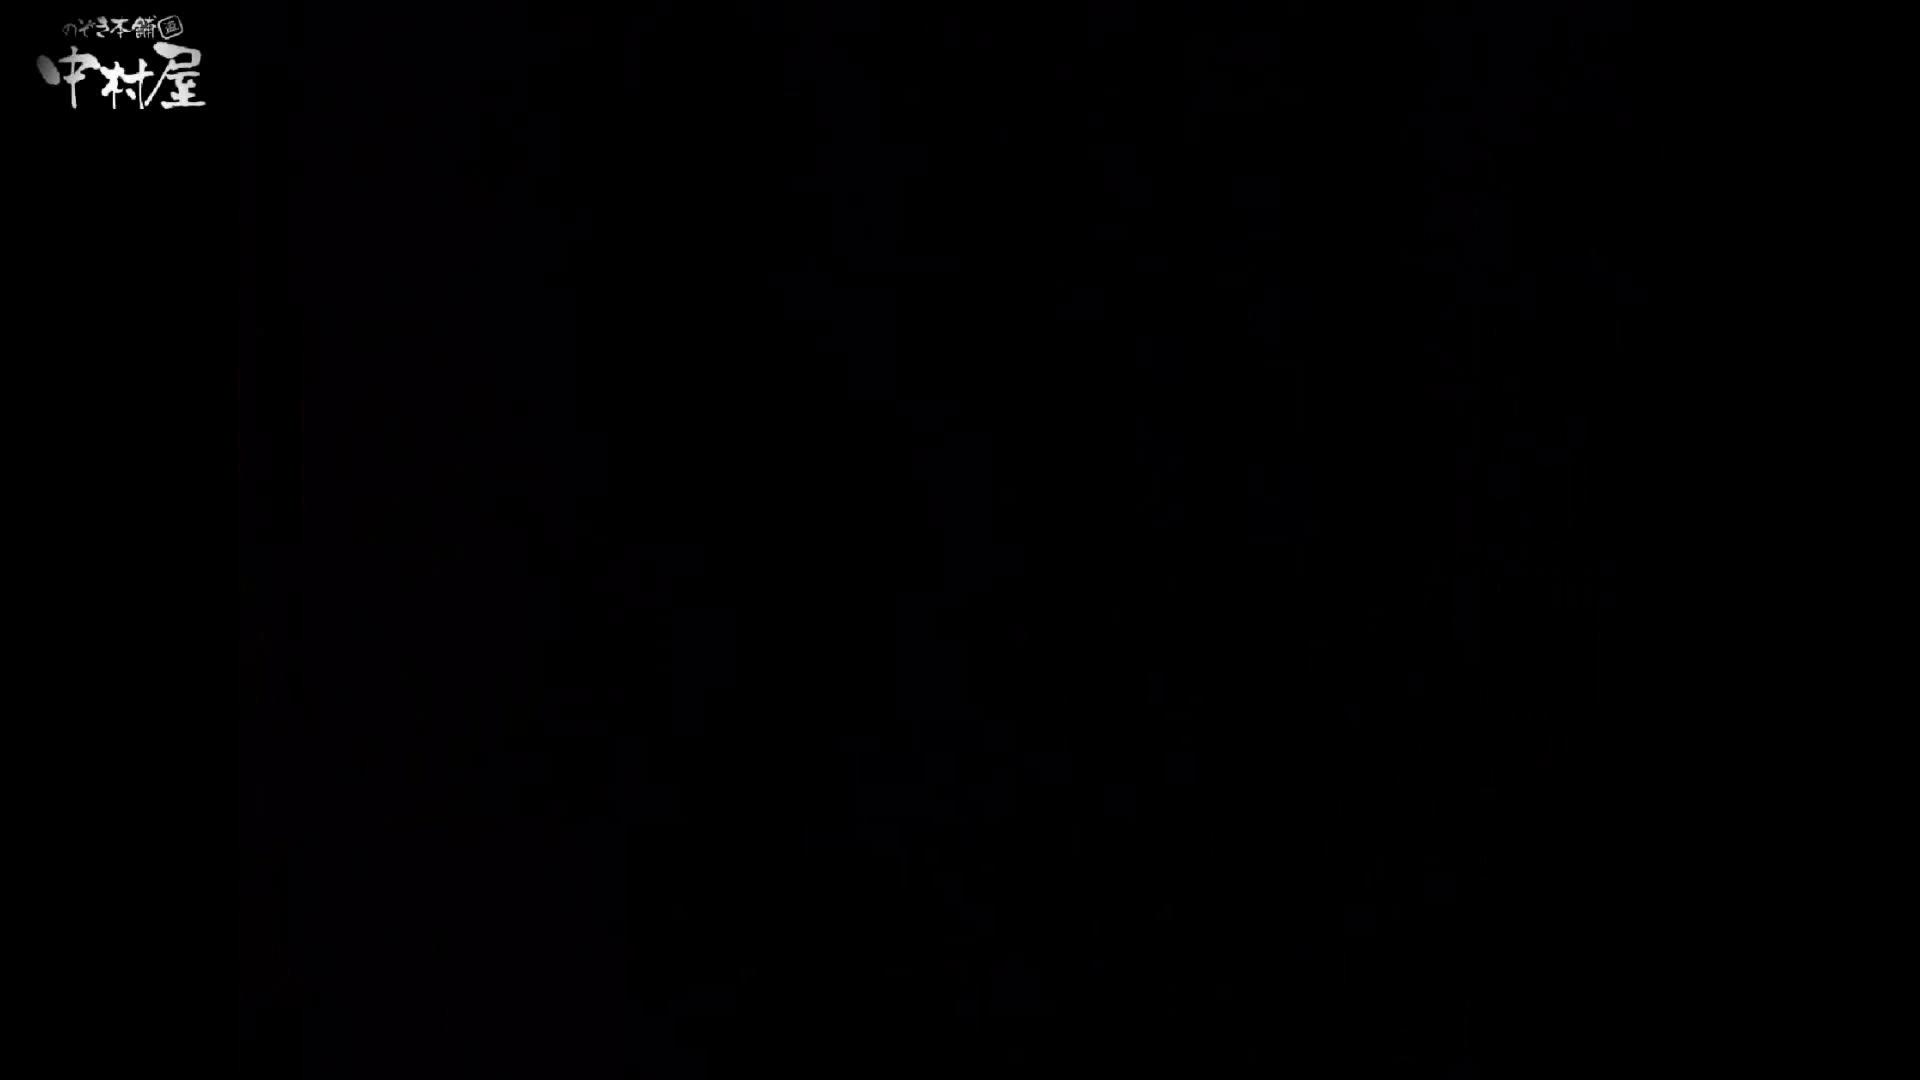 民家風呂専門盗撮師の超危険映像 vol.016 お色気美女   盗撮  86枚 31